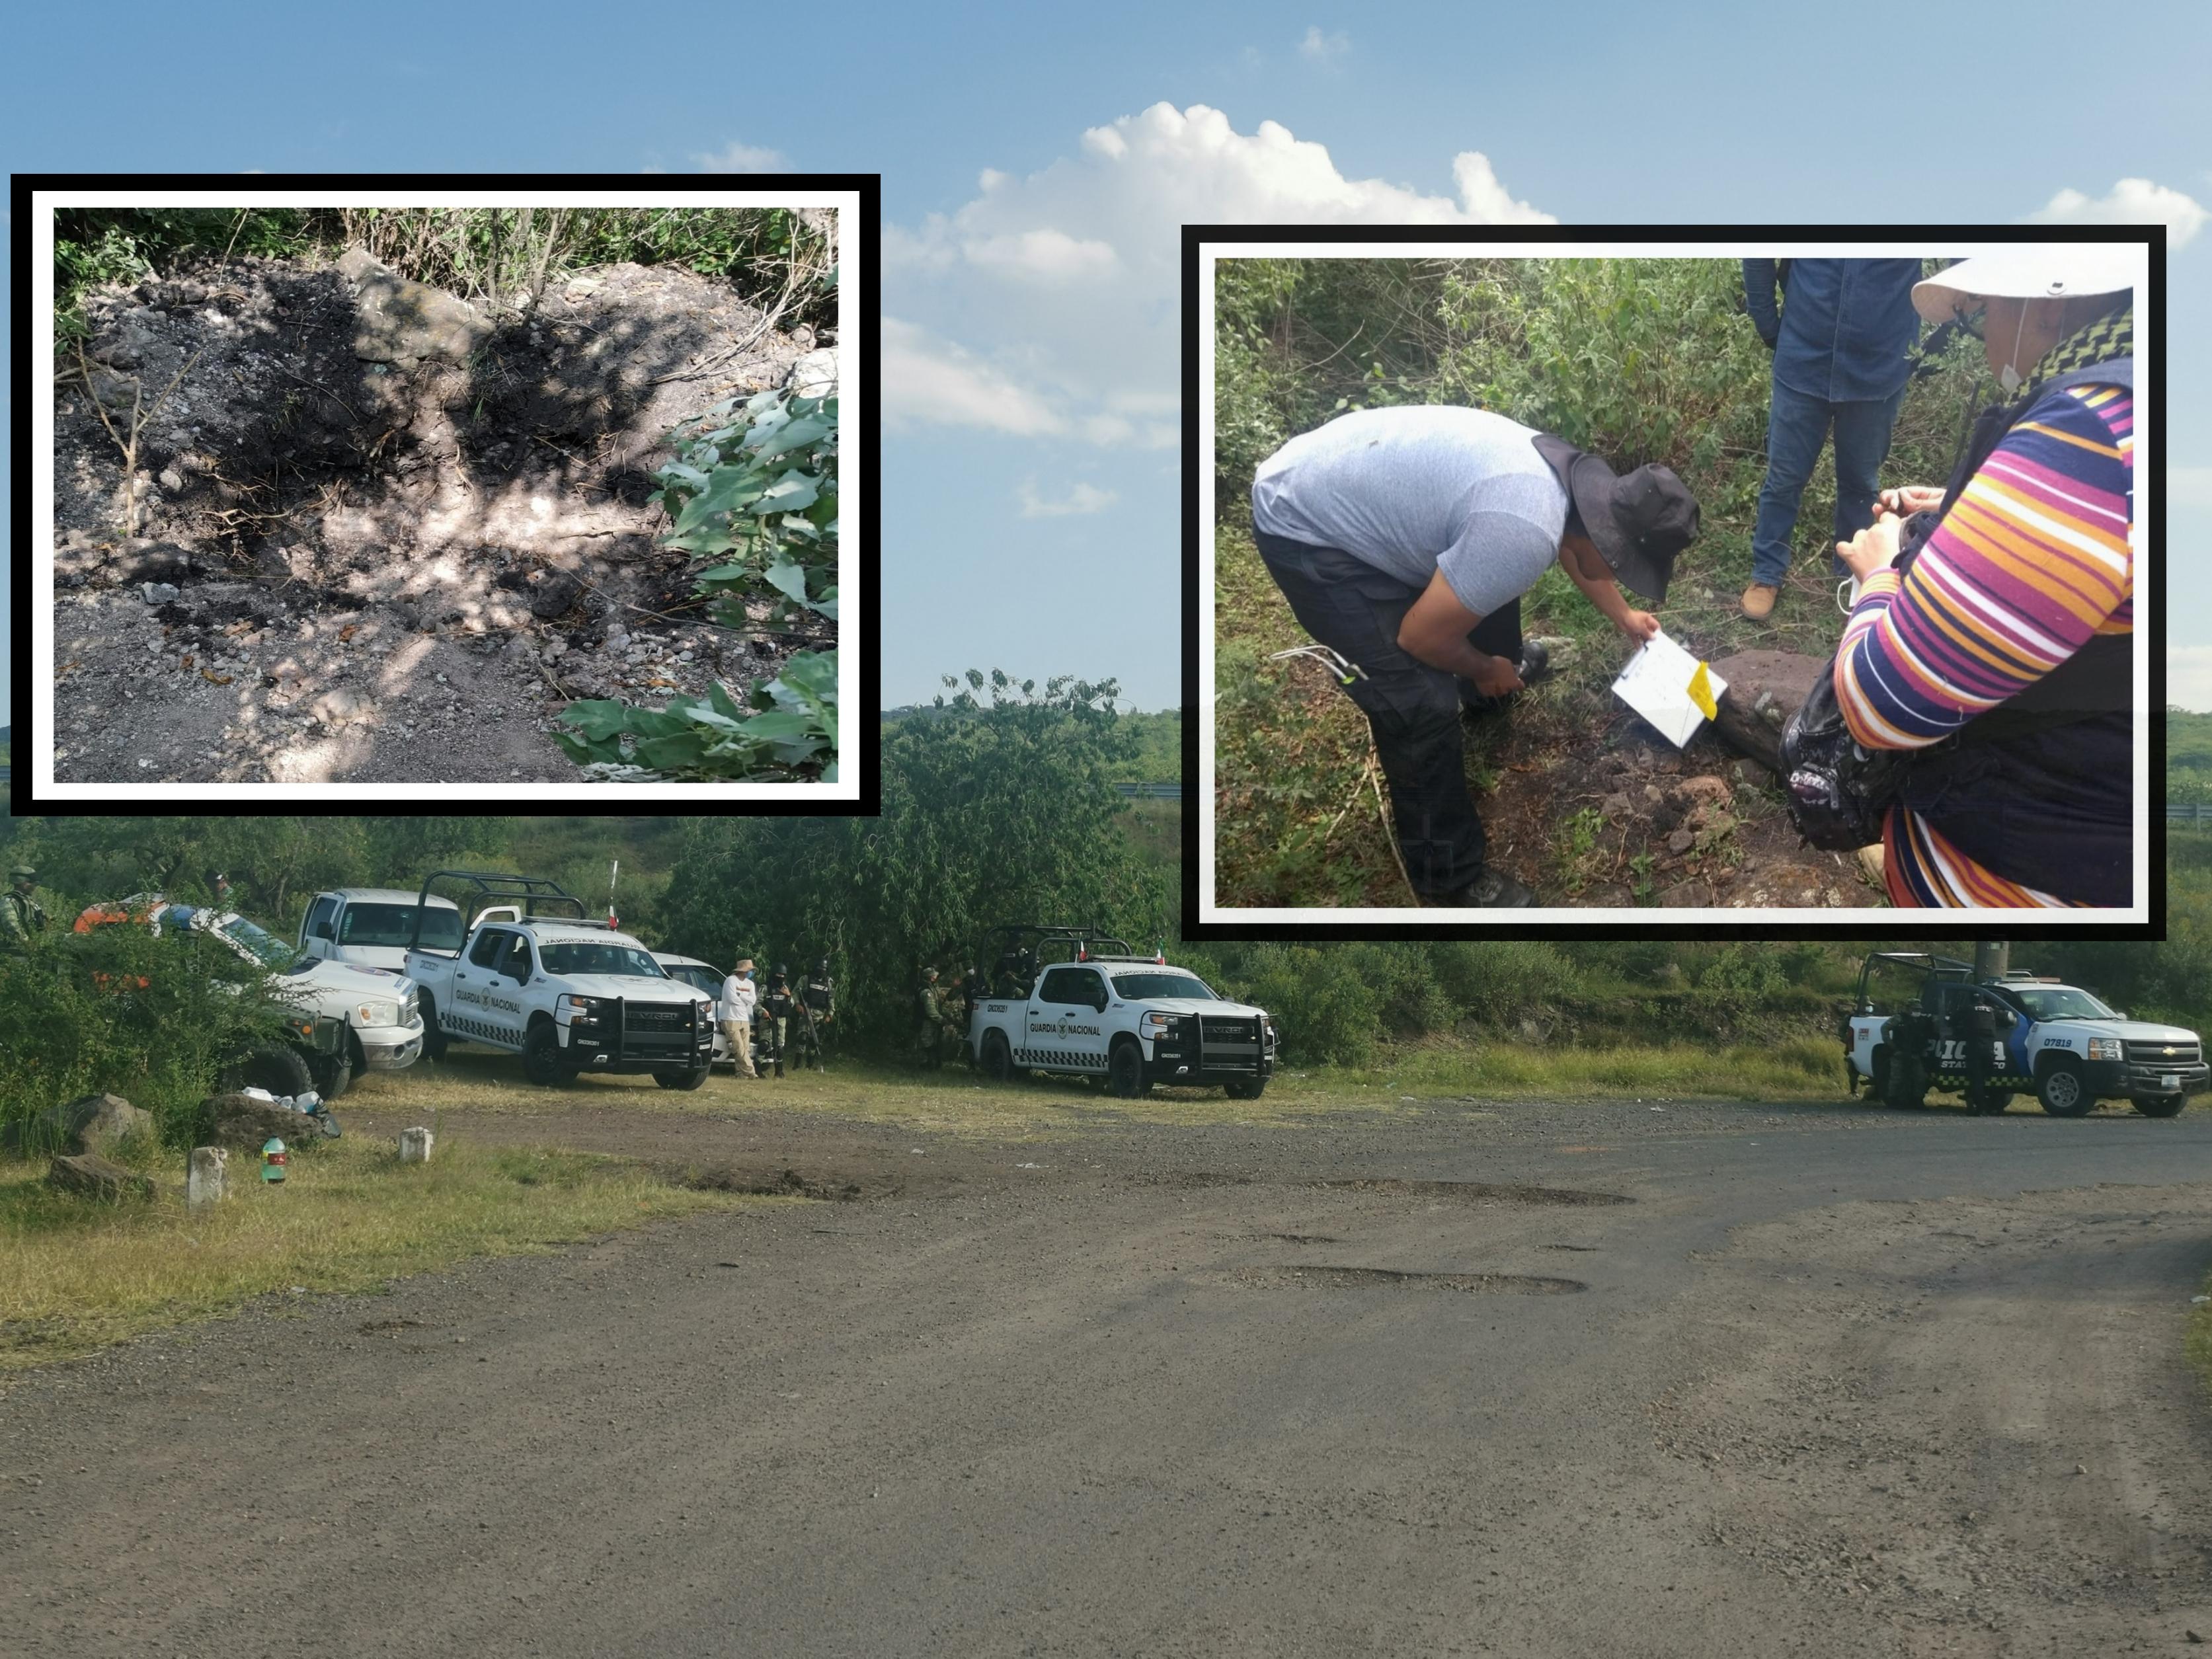 Seis puntos con restos óseos localizados en la zona de la presa El Conejo 2